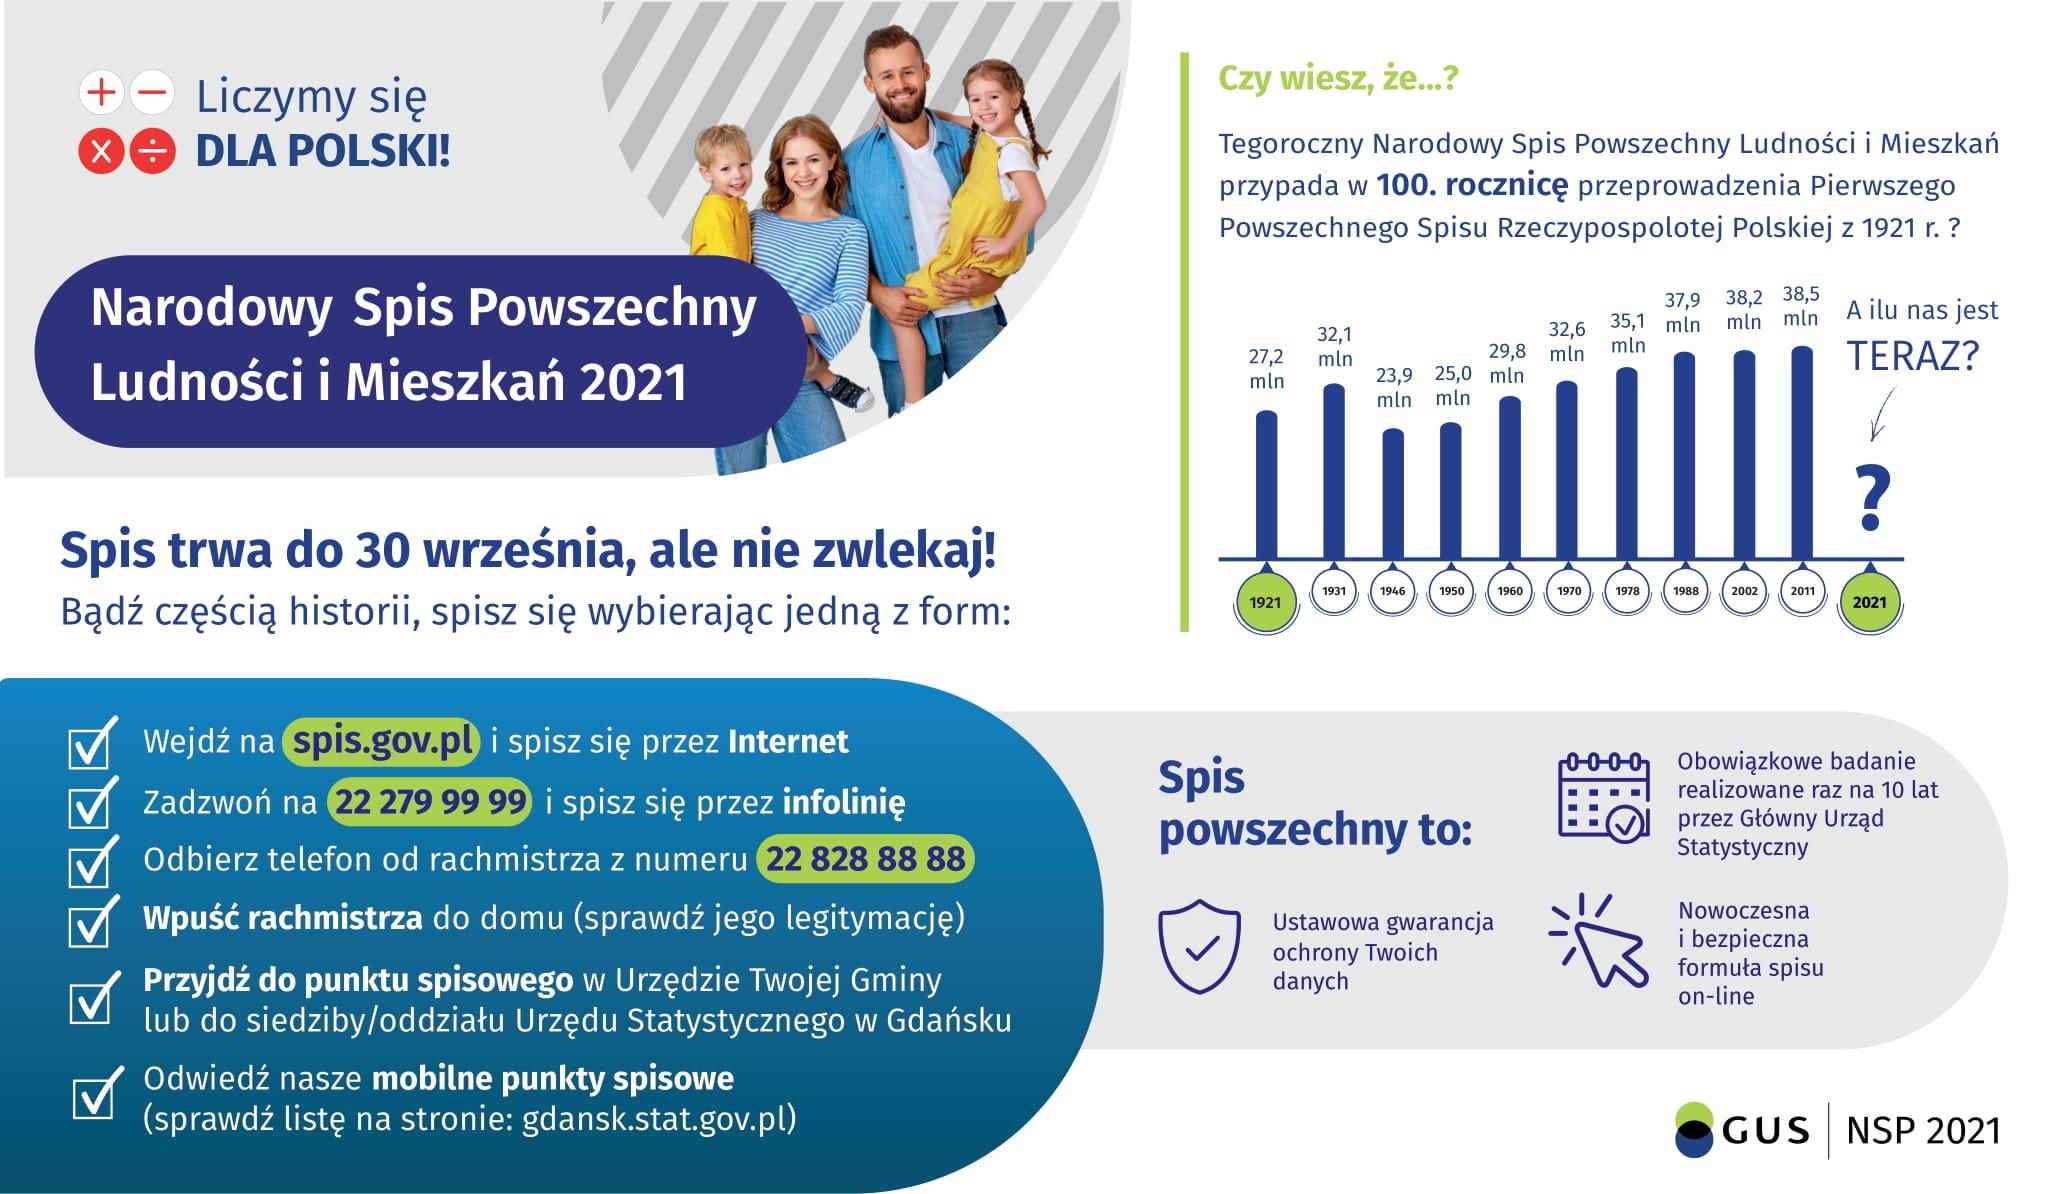 Liczymy się! Narodowy Spis Powszechny Ludności i Mieszkań 2021